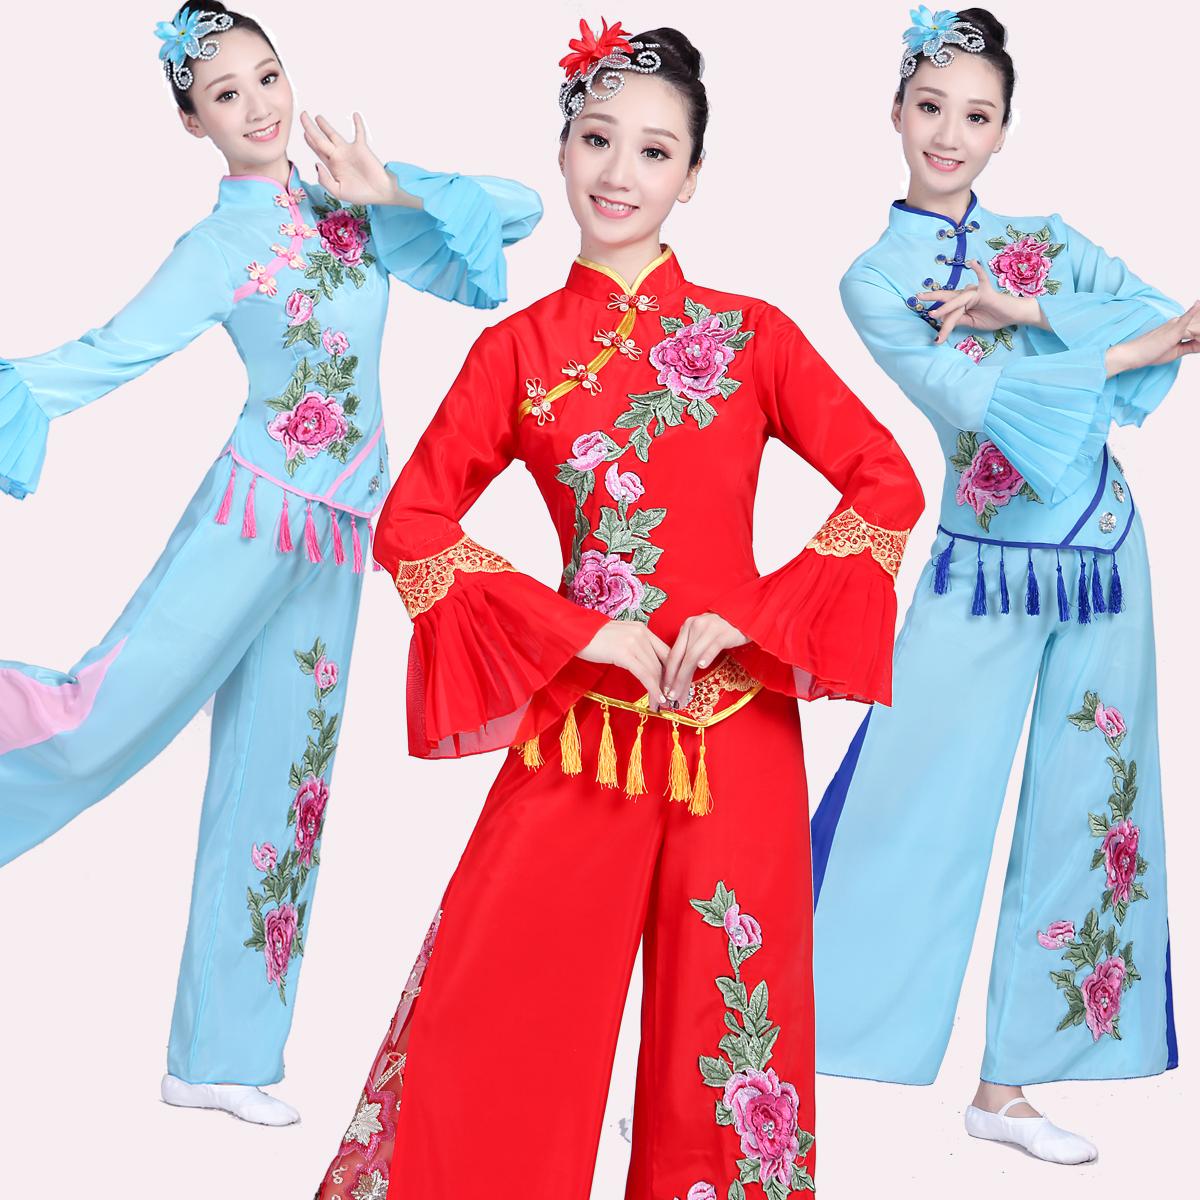 秧歌服民族扇子舞蹈演出服中老年广场舞服装新款套装秋冬季女成人